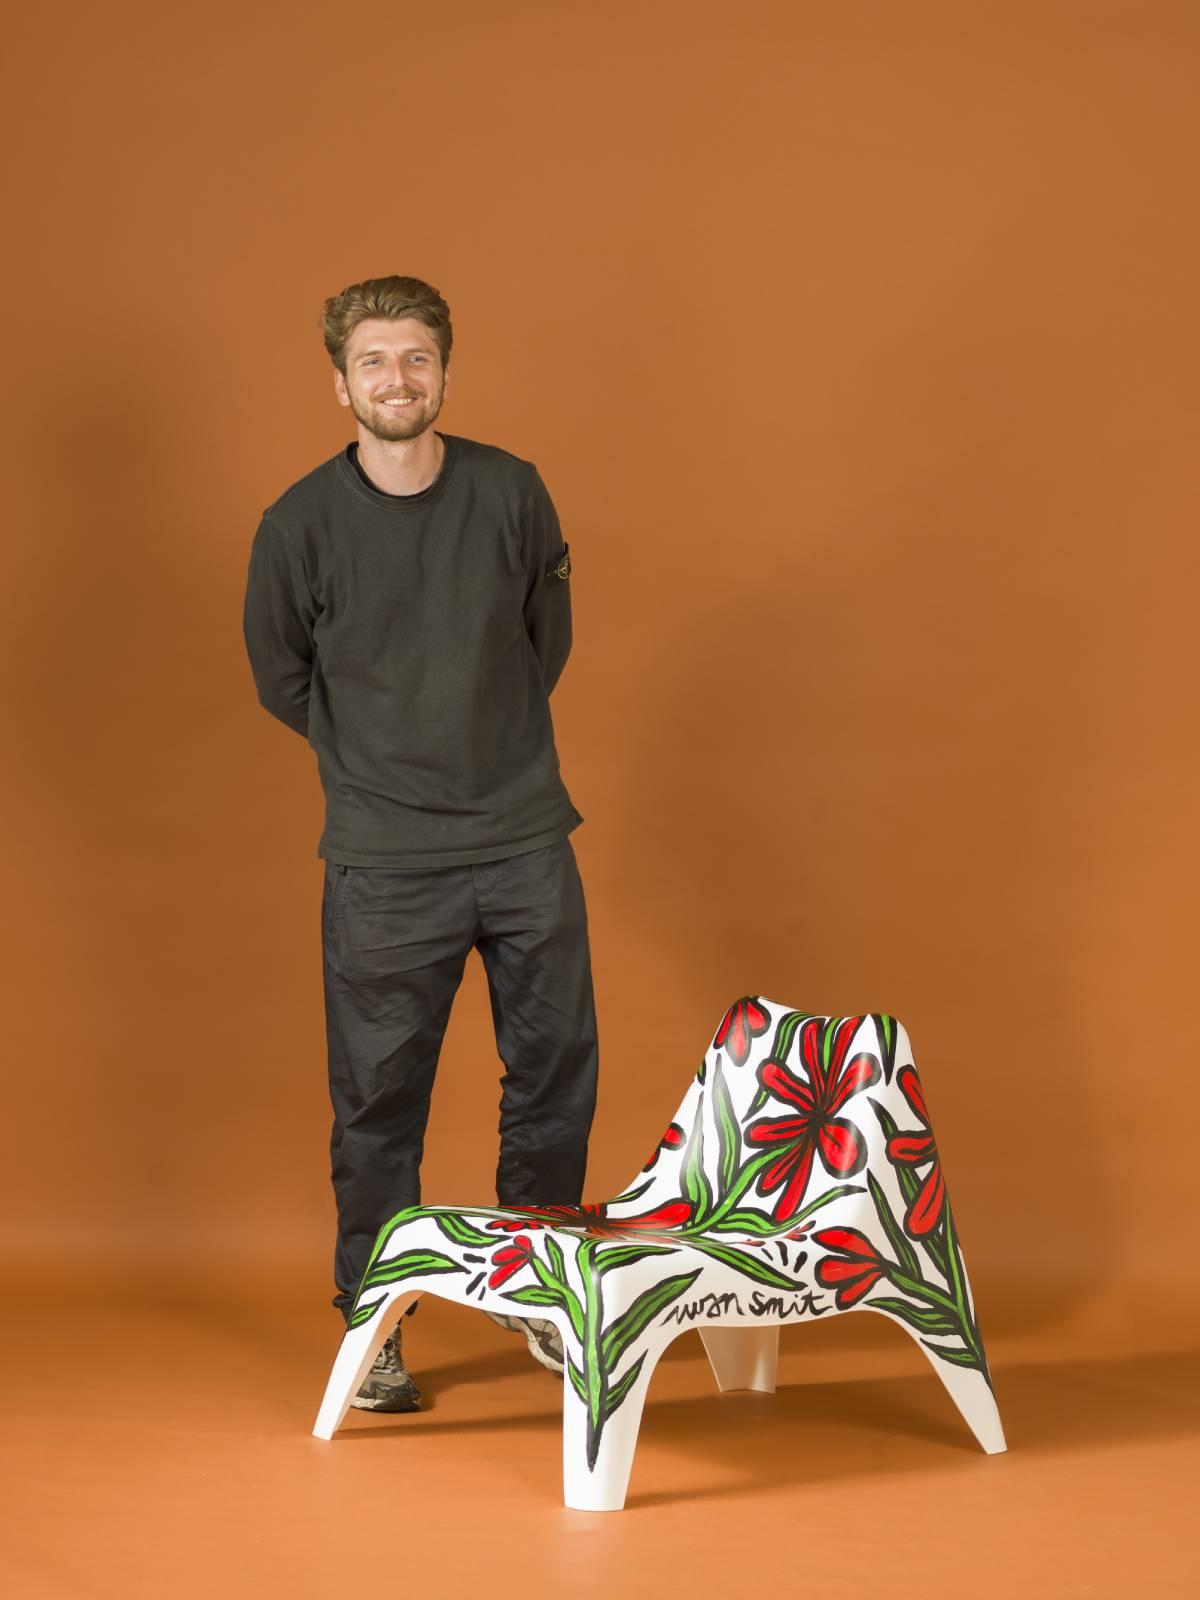 IKEA Circular Hub tuinstoel Iwan Smit